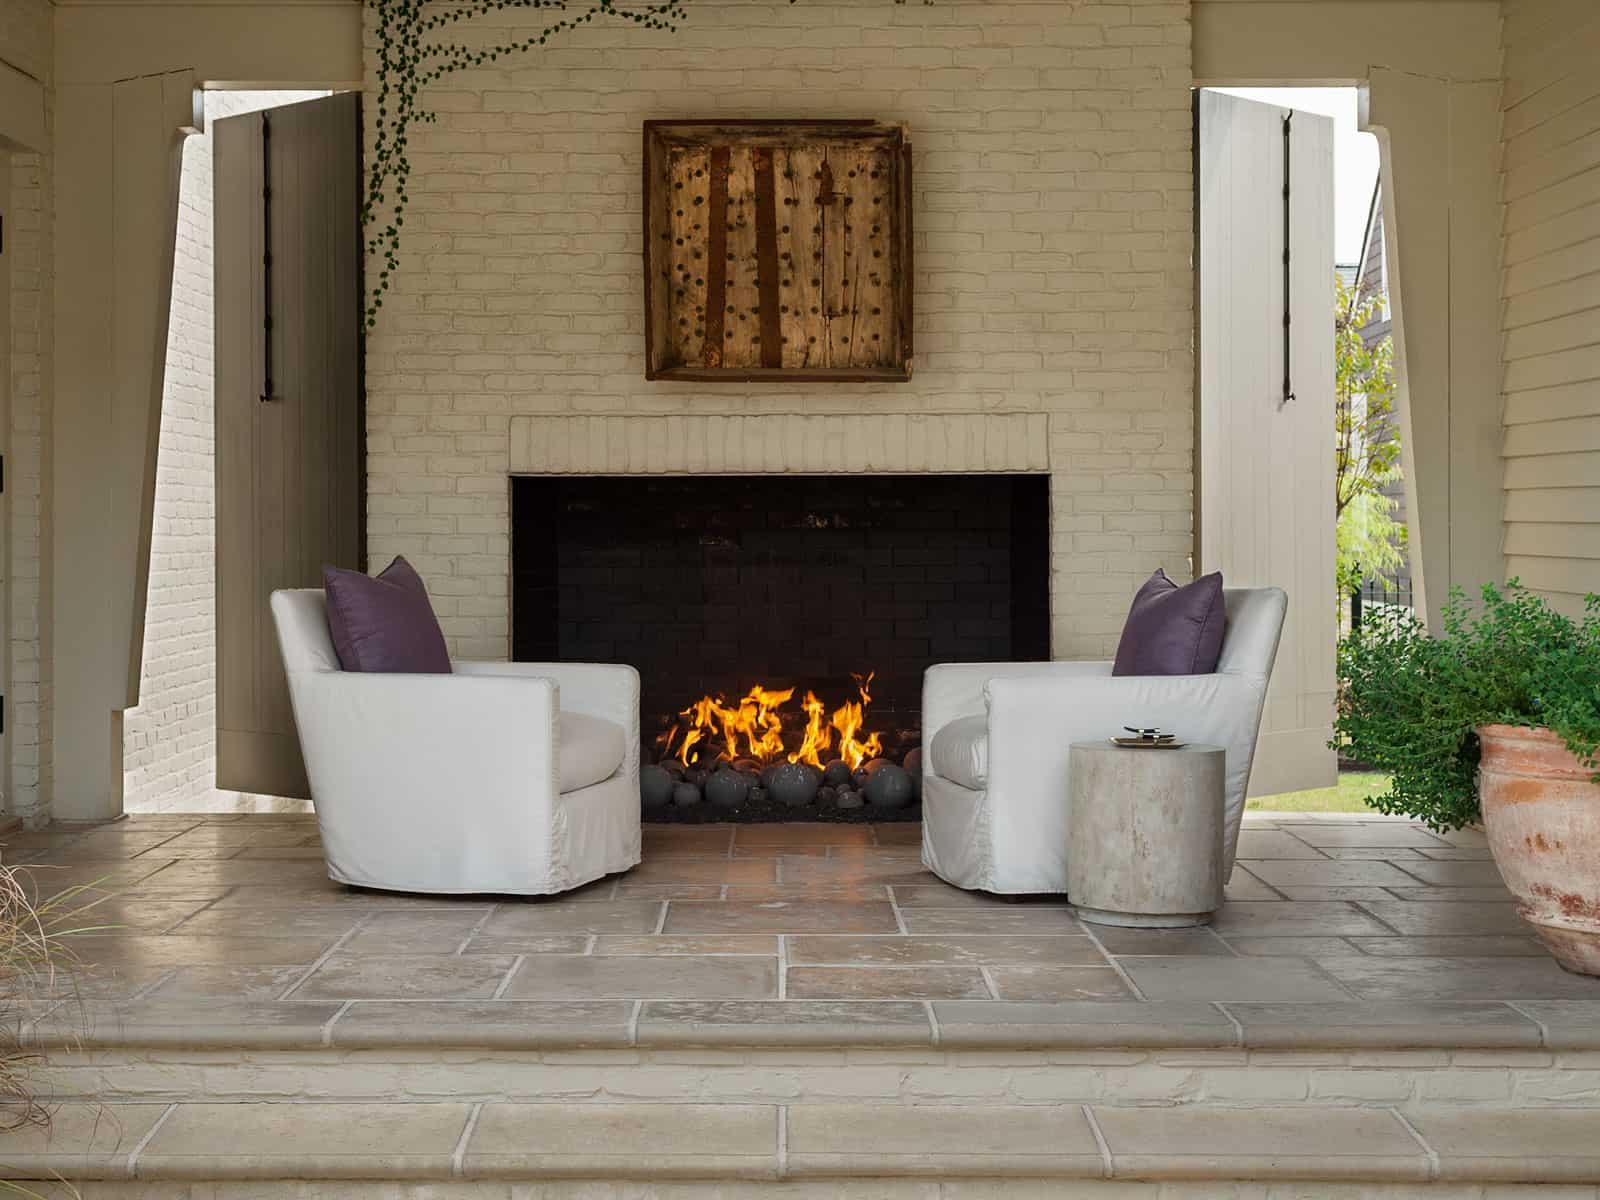 Concrete Paver based Fire Places